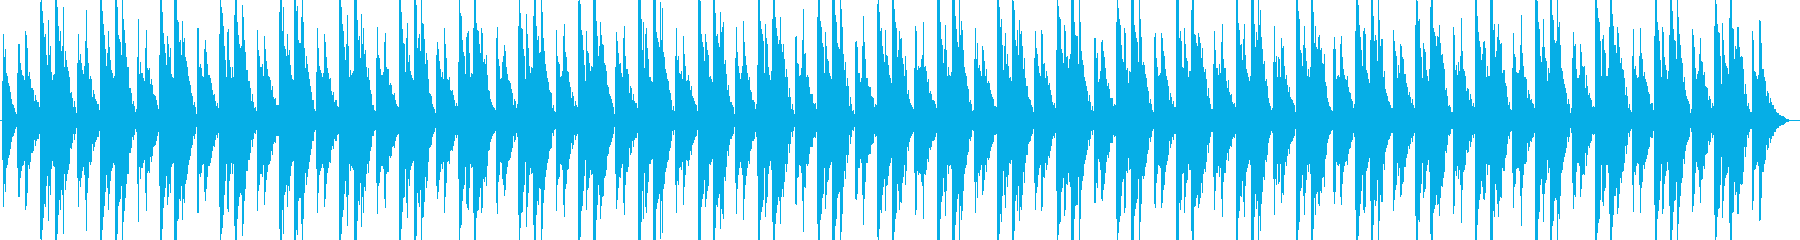 シーケンス 面白いシンセシーケンス01の再生済みの波形